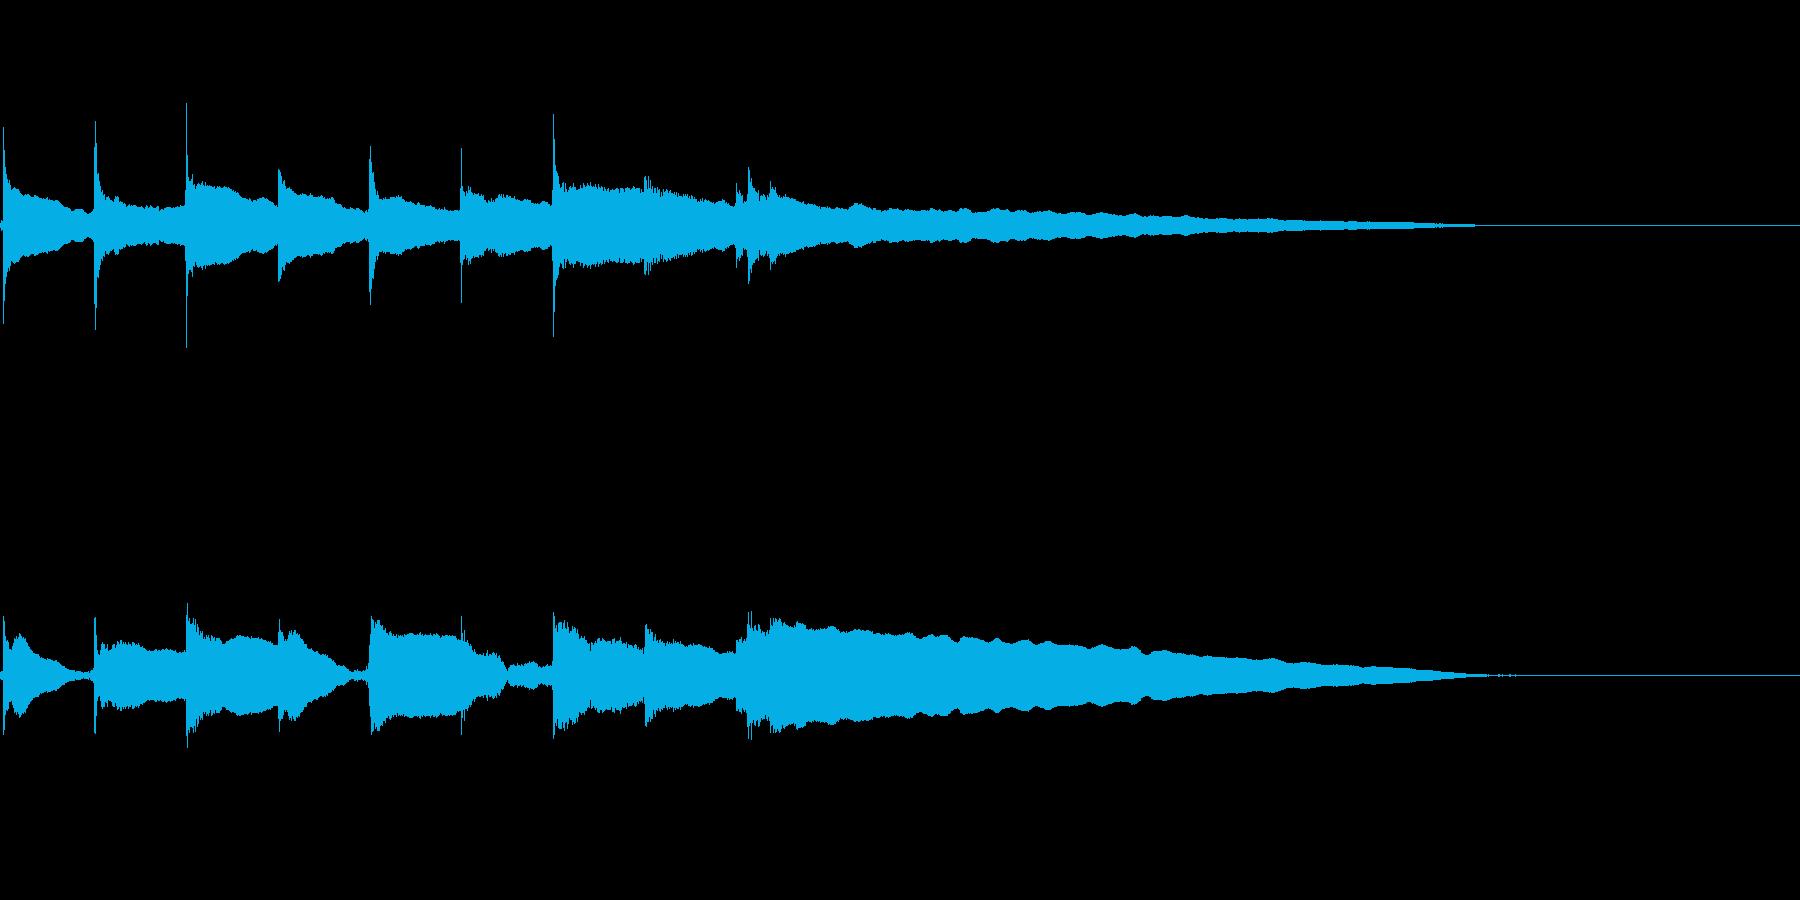 ジングル ロゴ おやすみ  の再生済みの波形